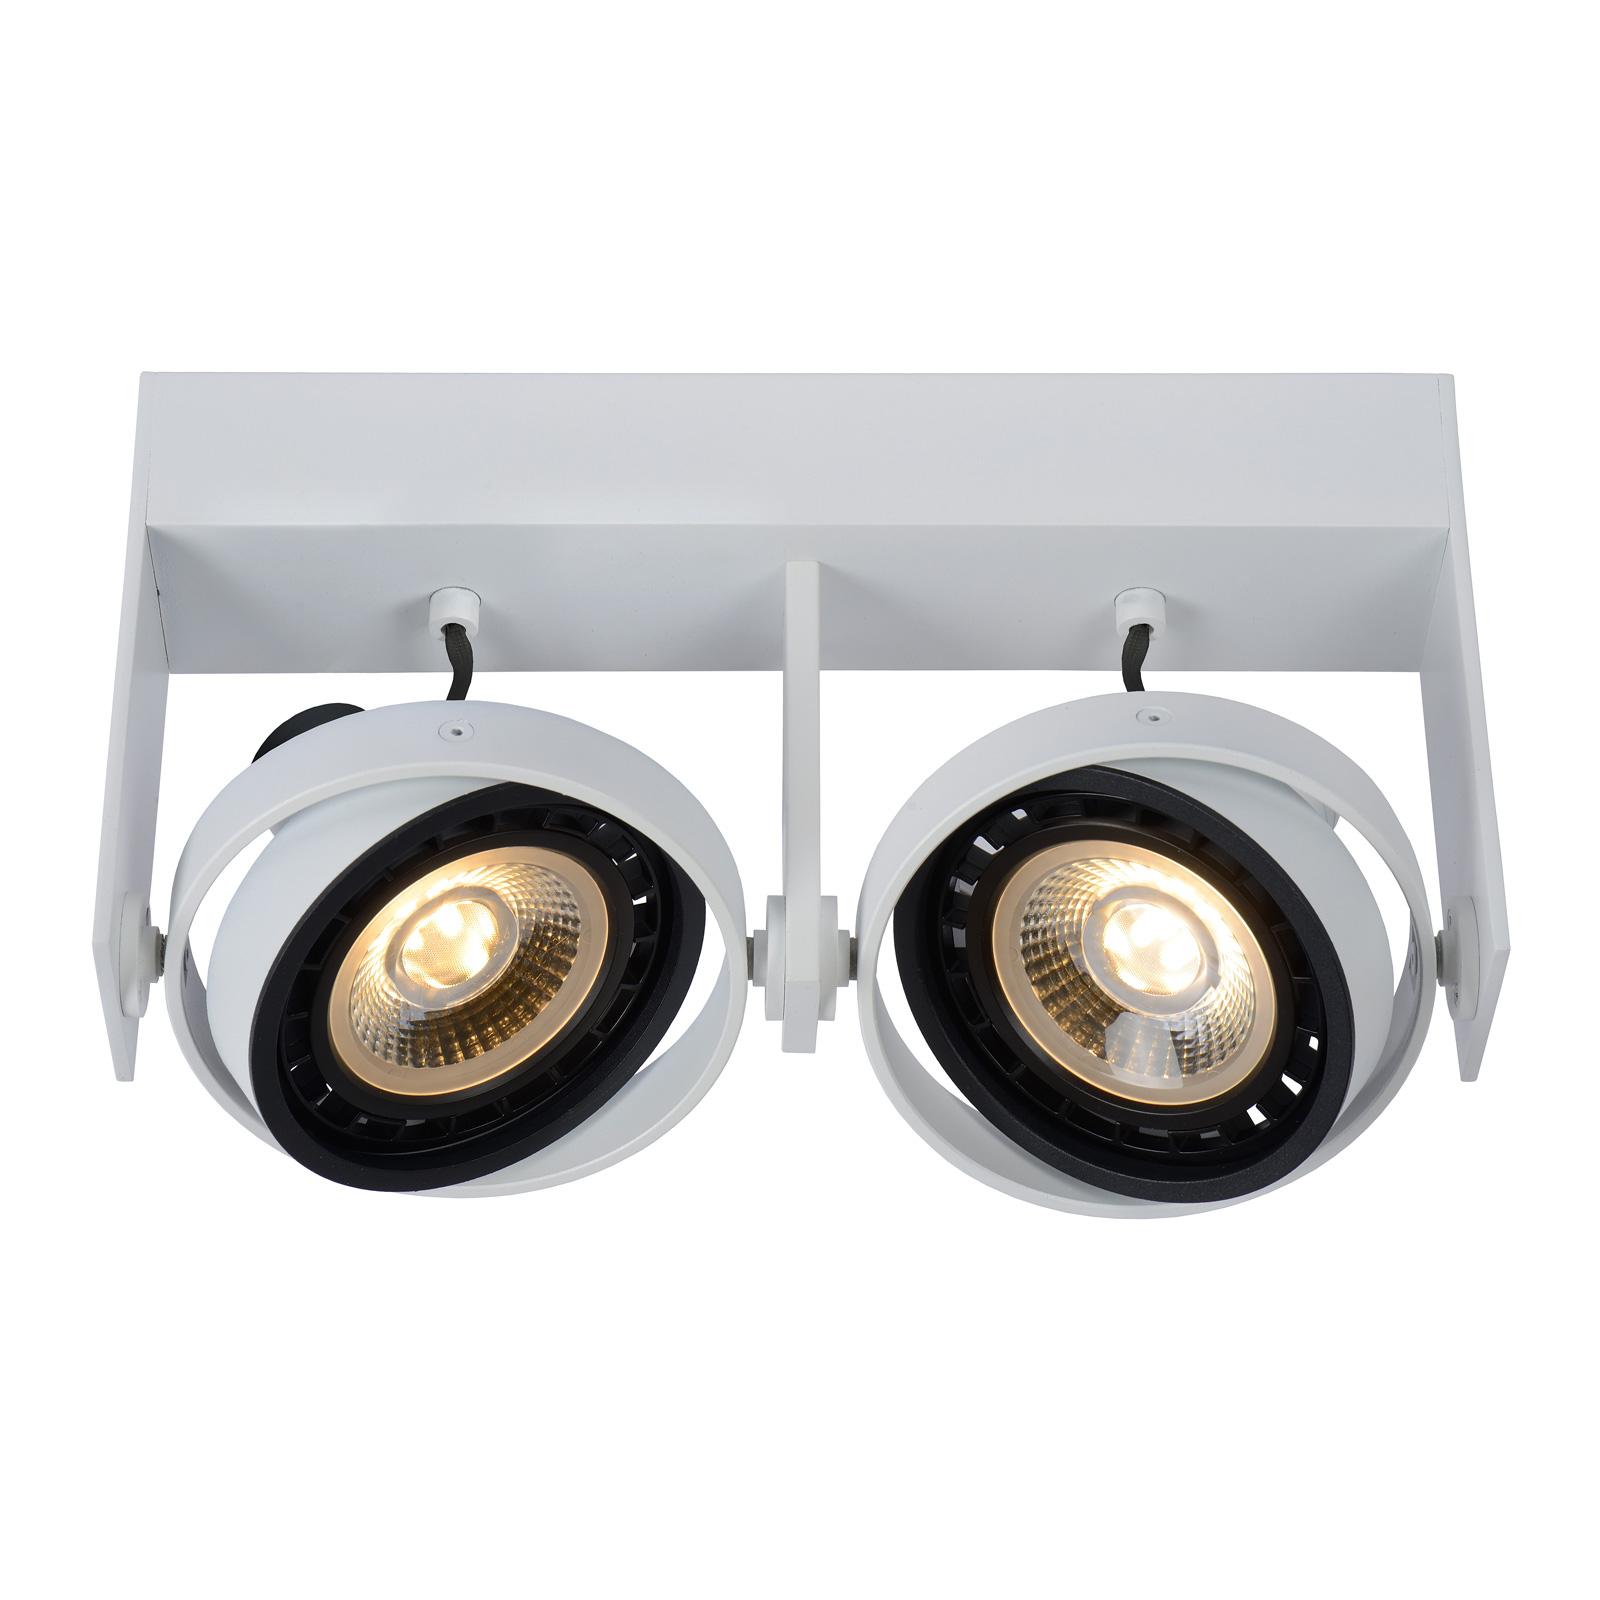 Griffon LED-loftspothvid, med 2 lyskilder